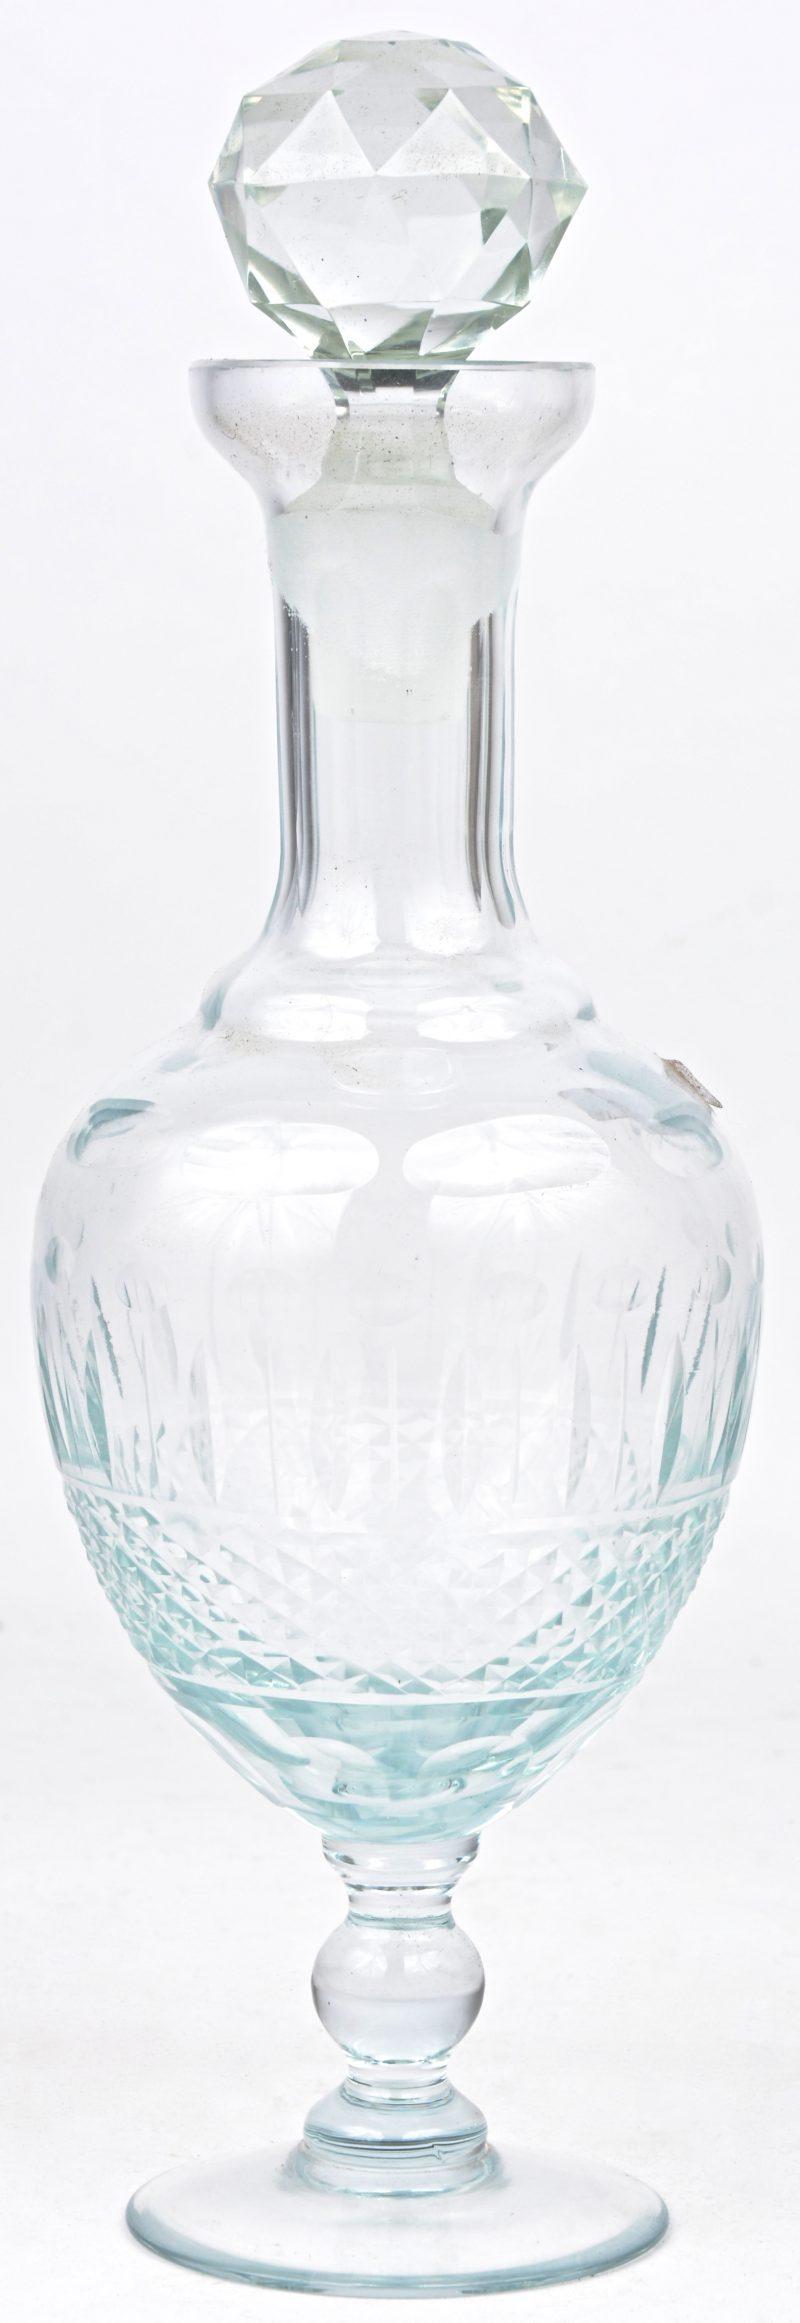 Een geslepen glazen karaf.